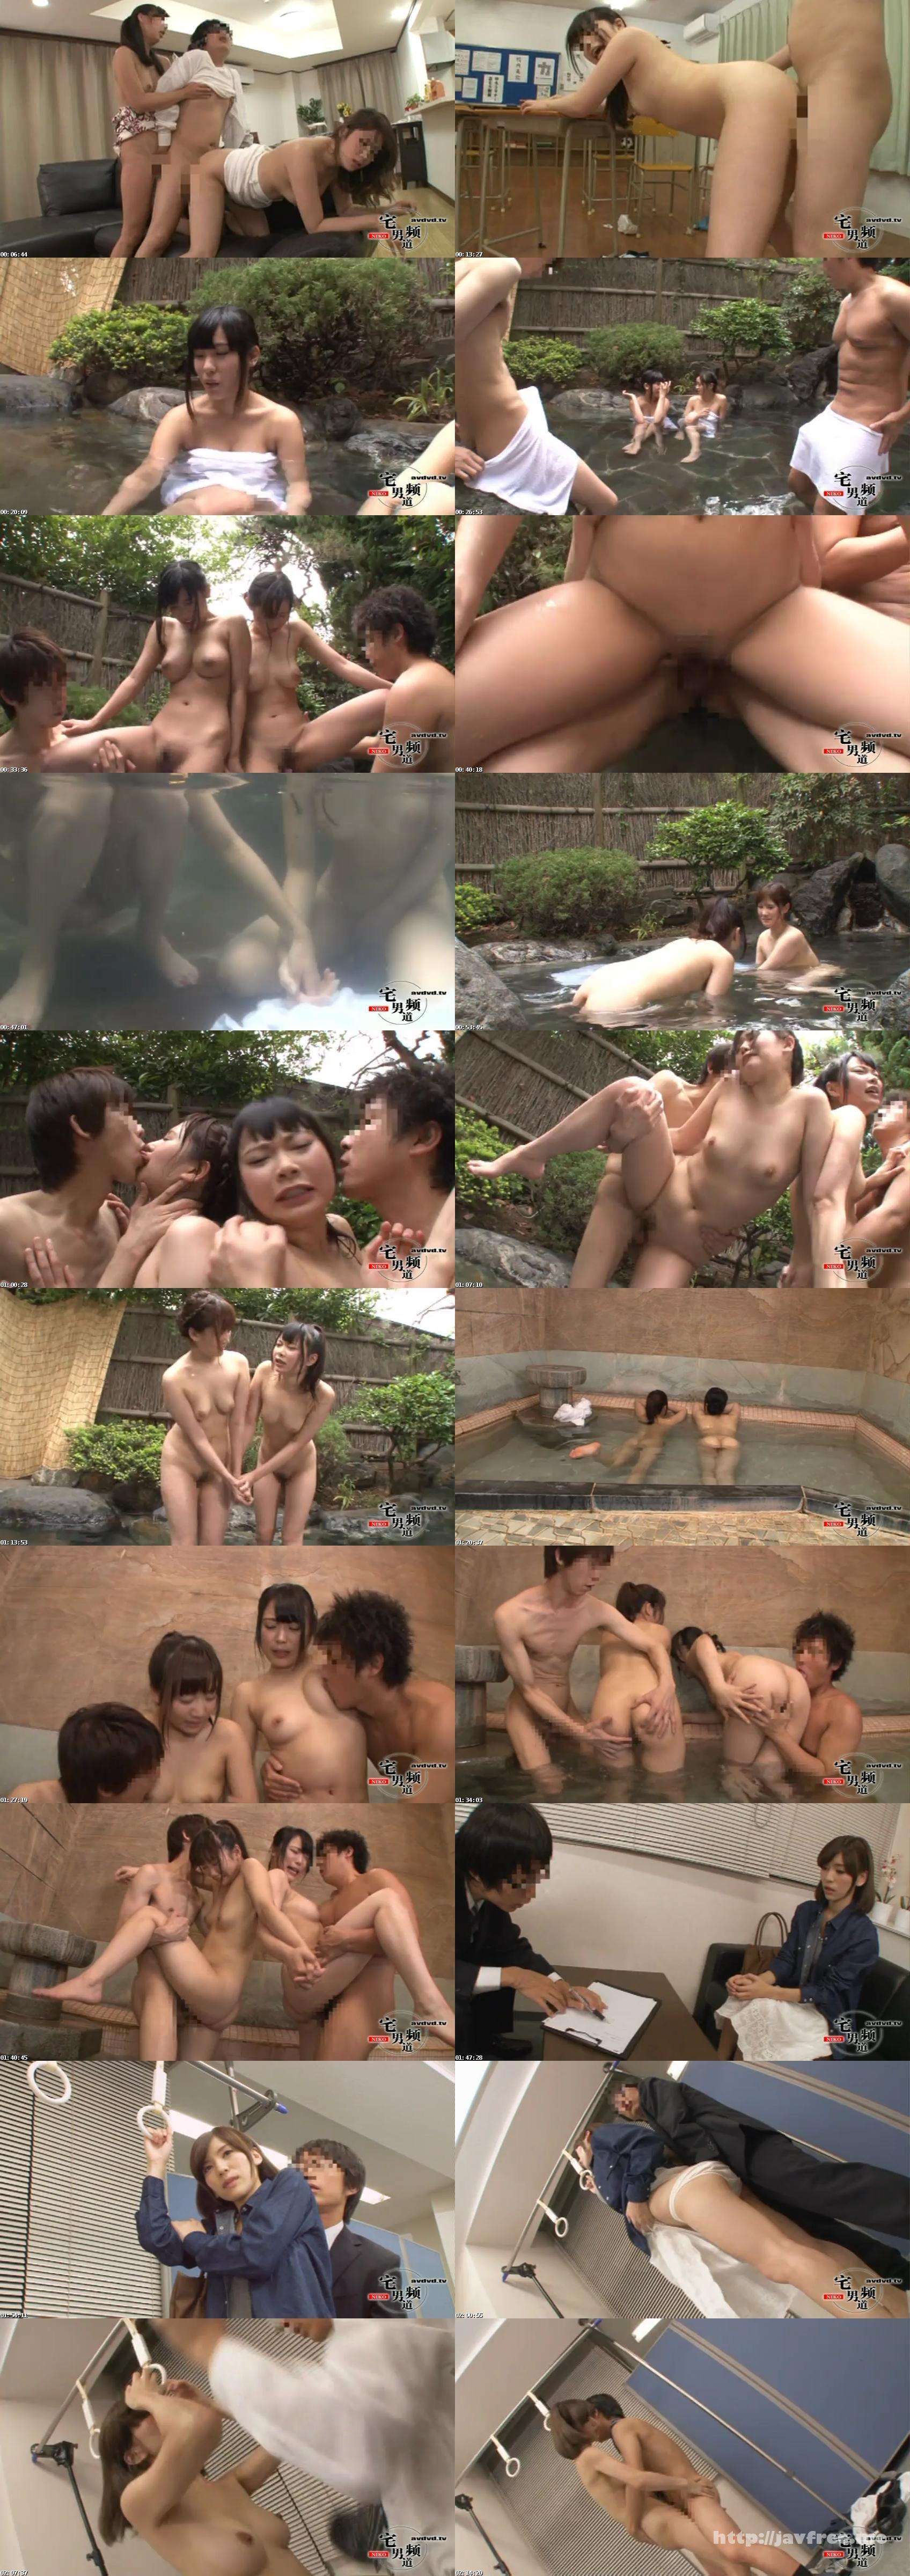 [AP 255] 3連続同時中出し痴漢 混浴温泉に来たウブ娘2人組に3連続同時中出し痴漢で精子の熱さで感じさせろ! AP